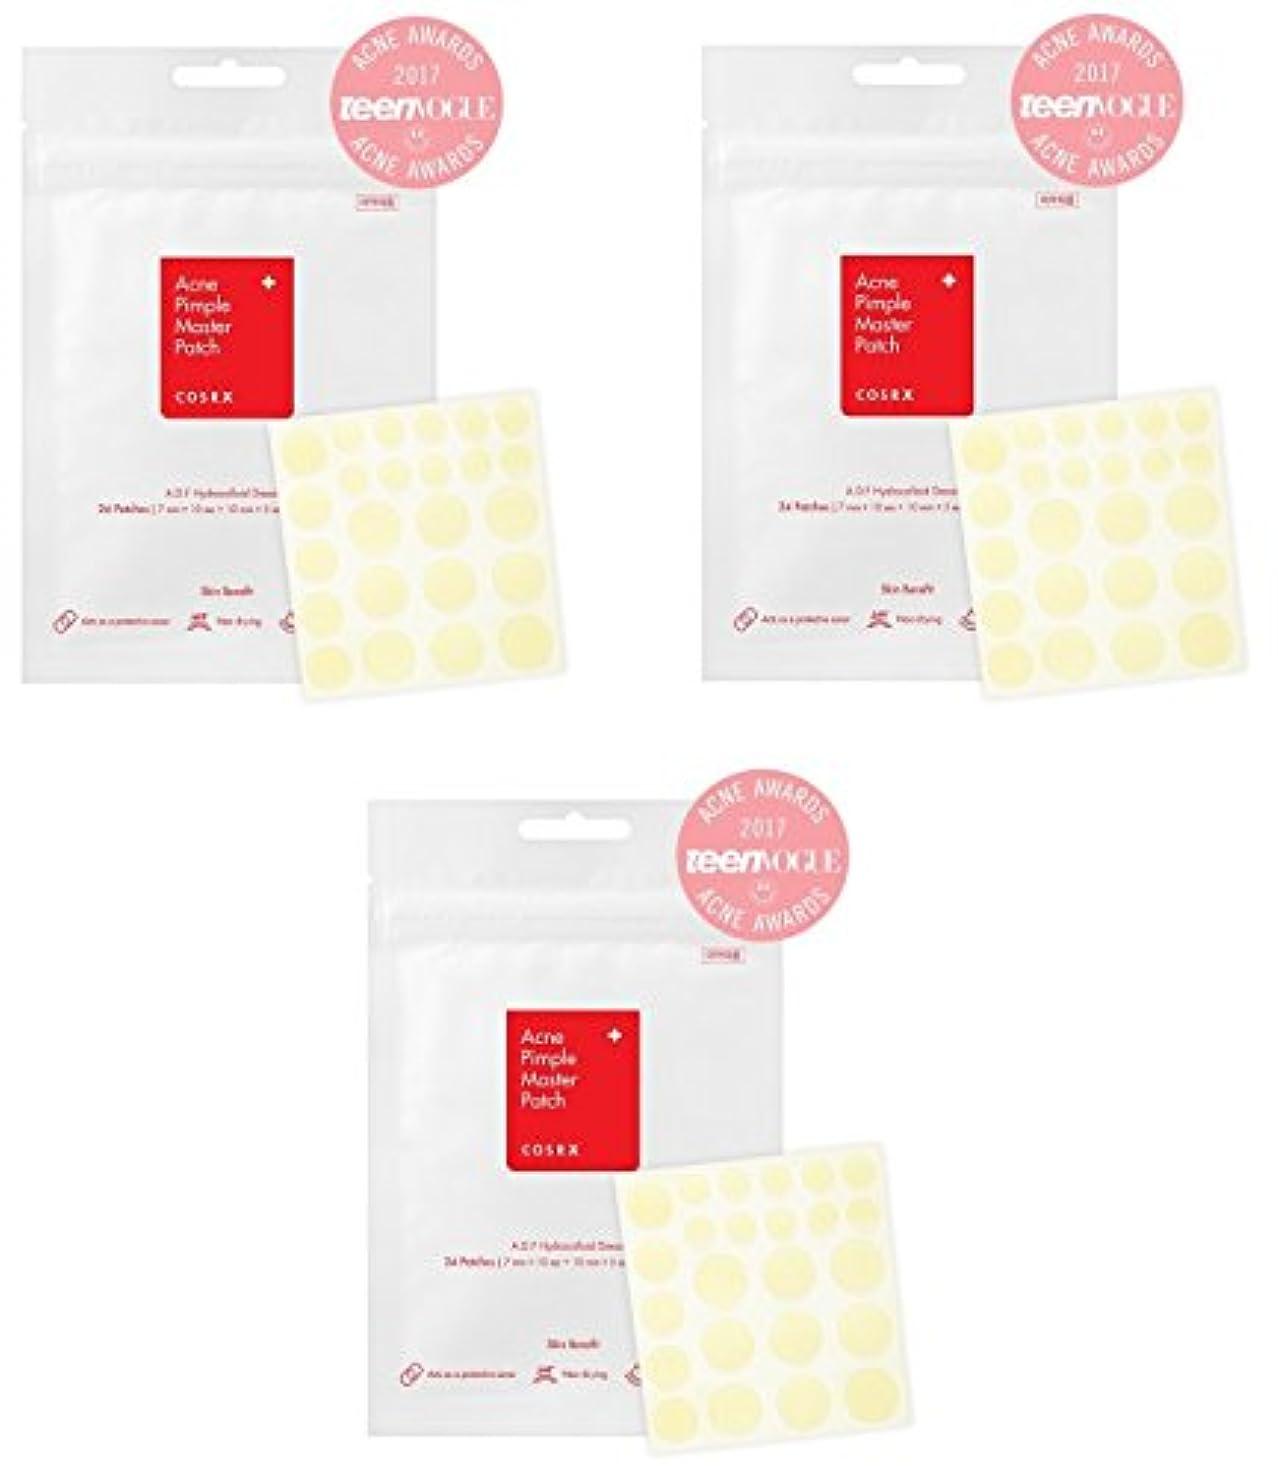 カカドゥ動機付ける特権的COSRX アクネ ピンプル マスターパッチ 3枚 (Acne Pimple Patch 3pcs) 海外直送品